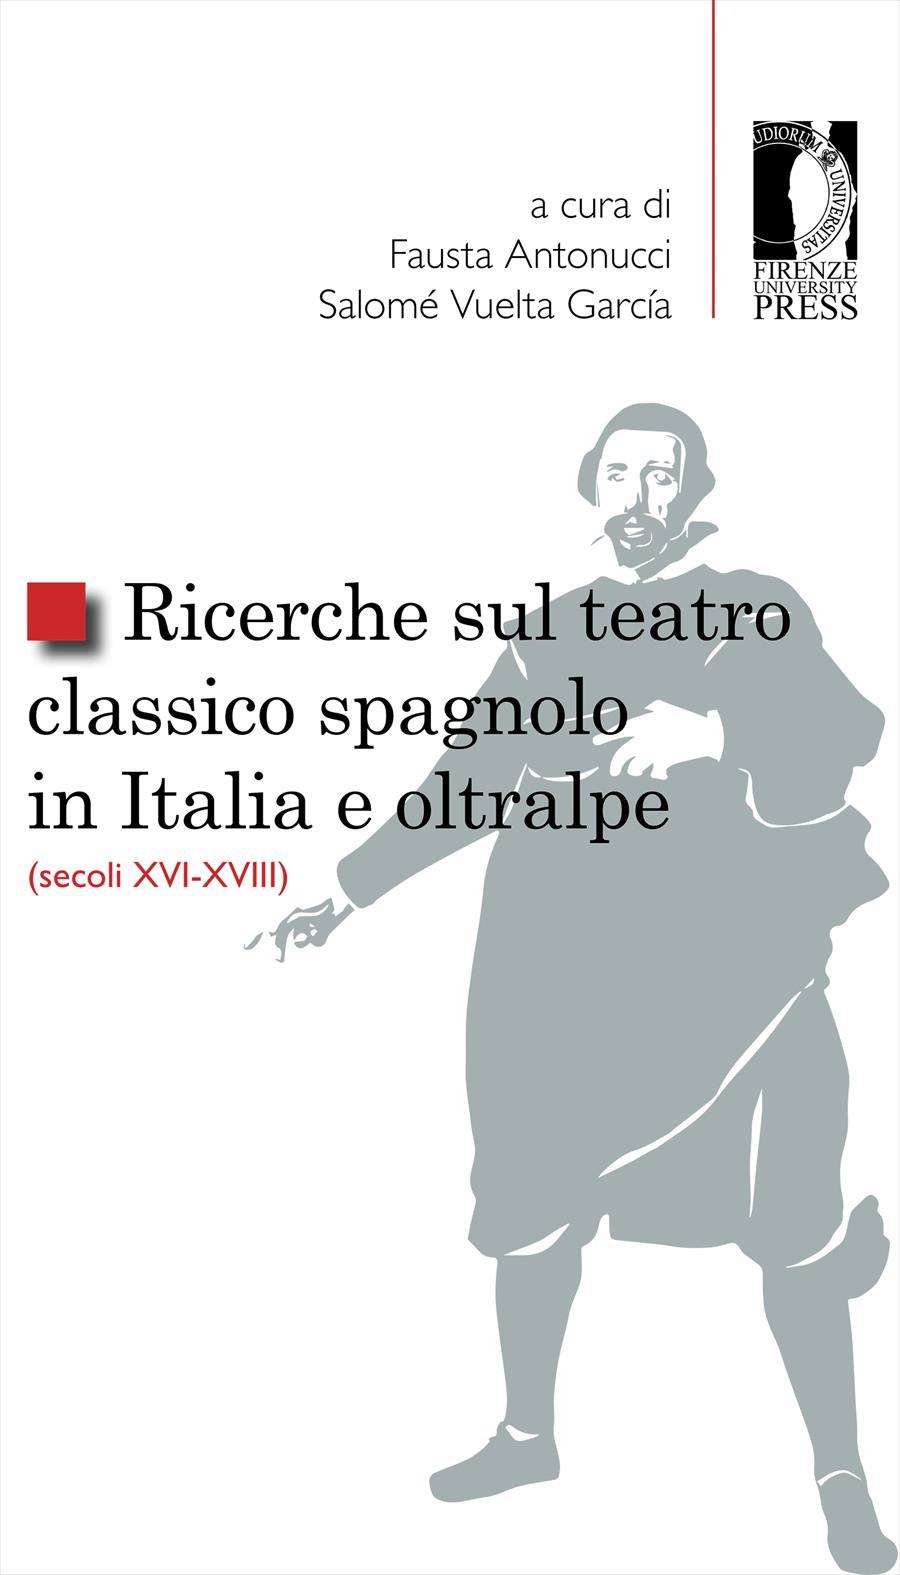 Ricerche sul teatro classico spagnolo in Italia e oltralpe (secoli XVI-XVIII)